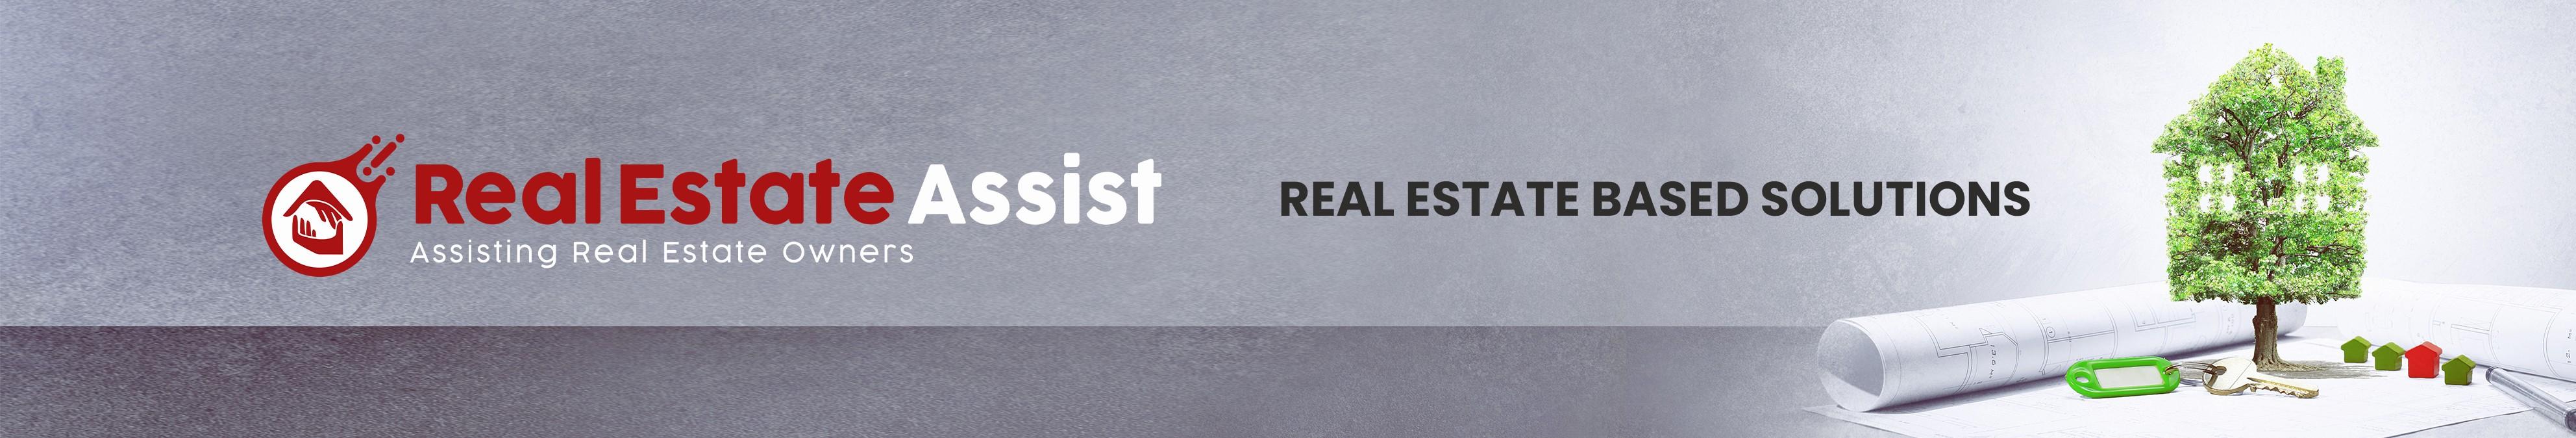 Real Estate Assist | LinkedIn